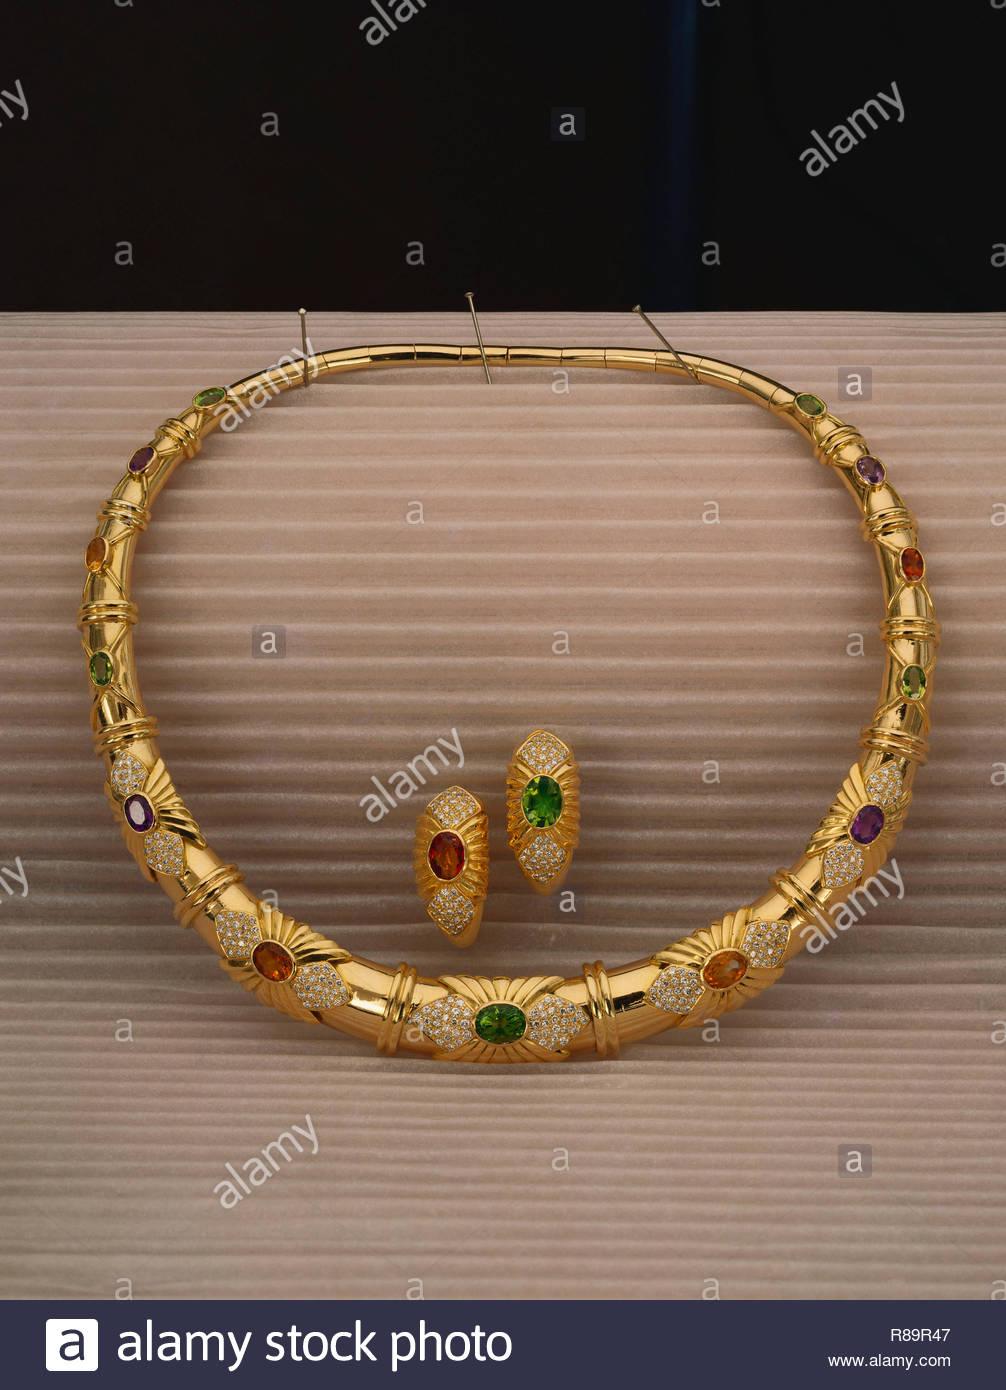 Concepto, Collar y aretes de oro Imagen De Stock